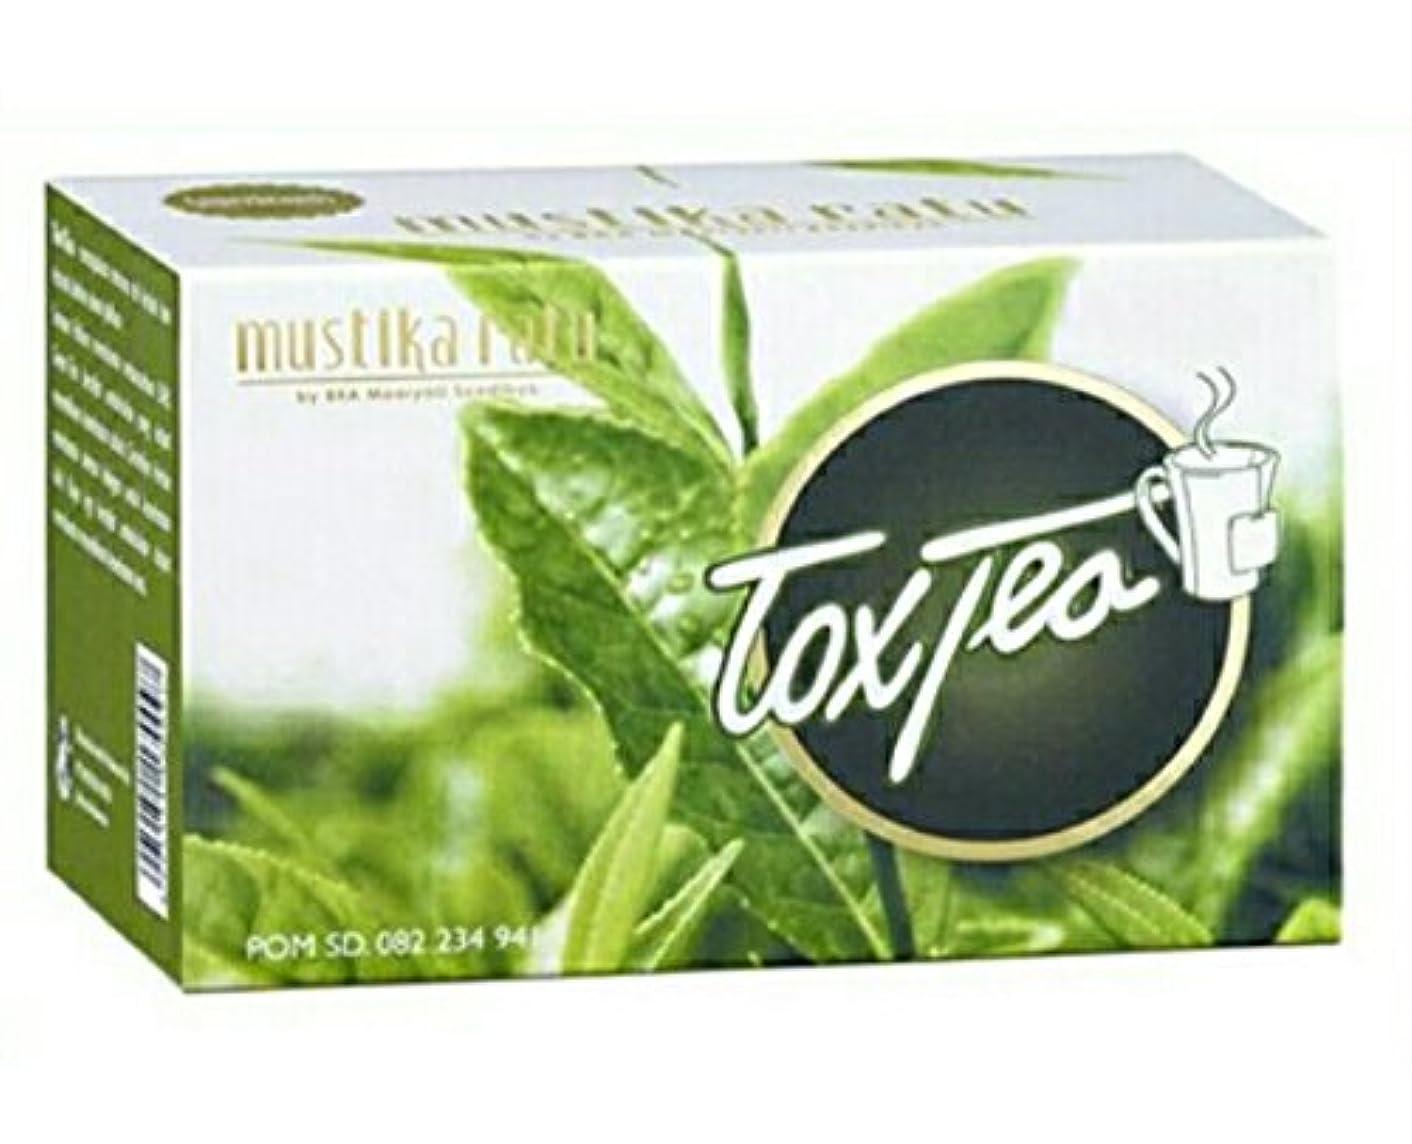 多様性フォーム農夫Mustika ratu Tea ムスティカラトゥトックスティー3箱x 15個のティーバッグ= 45個のティーバッグ